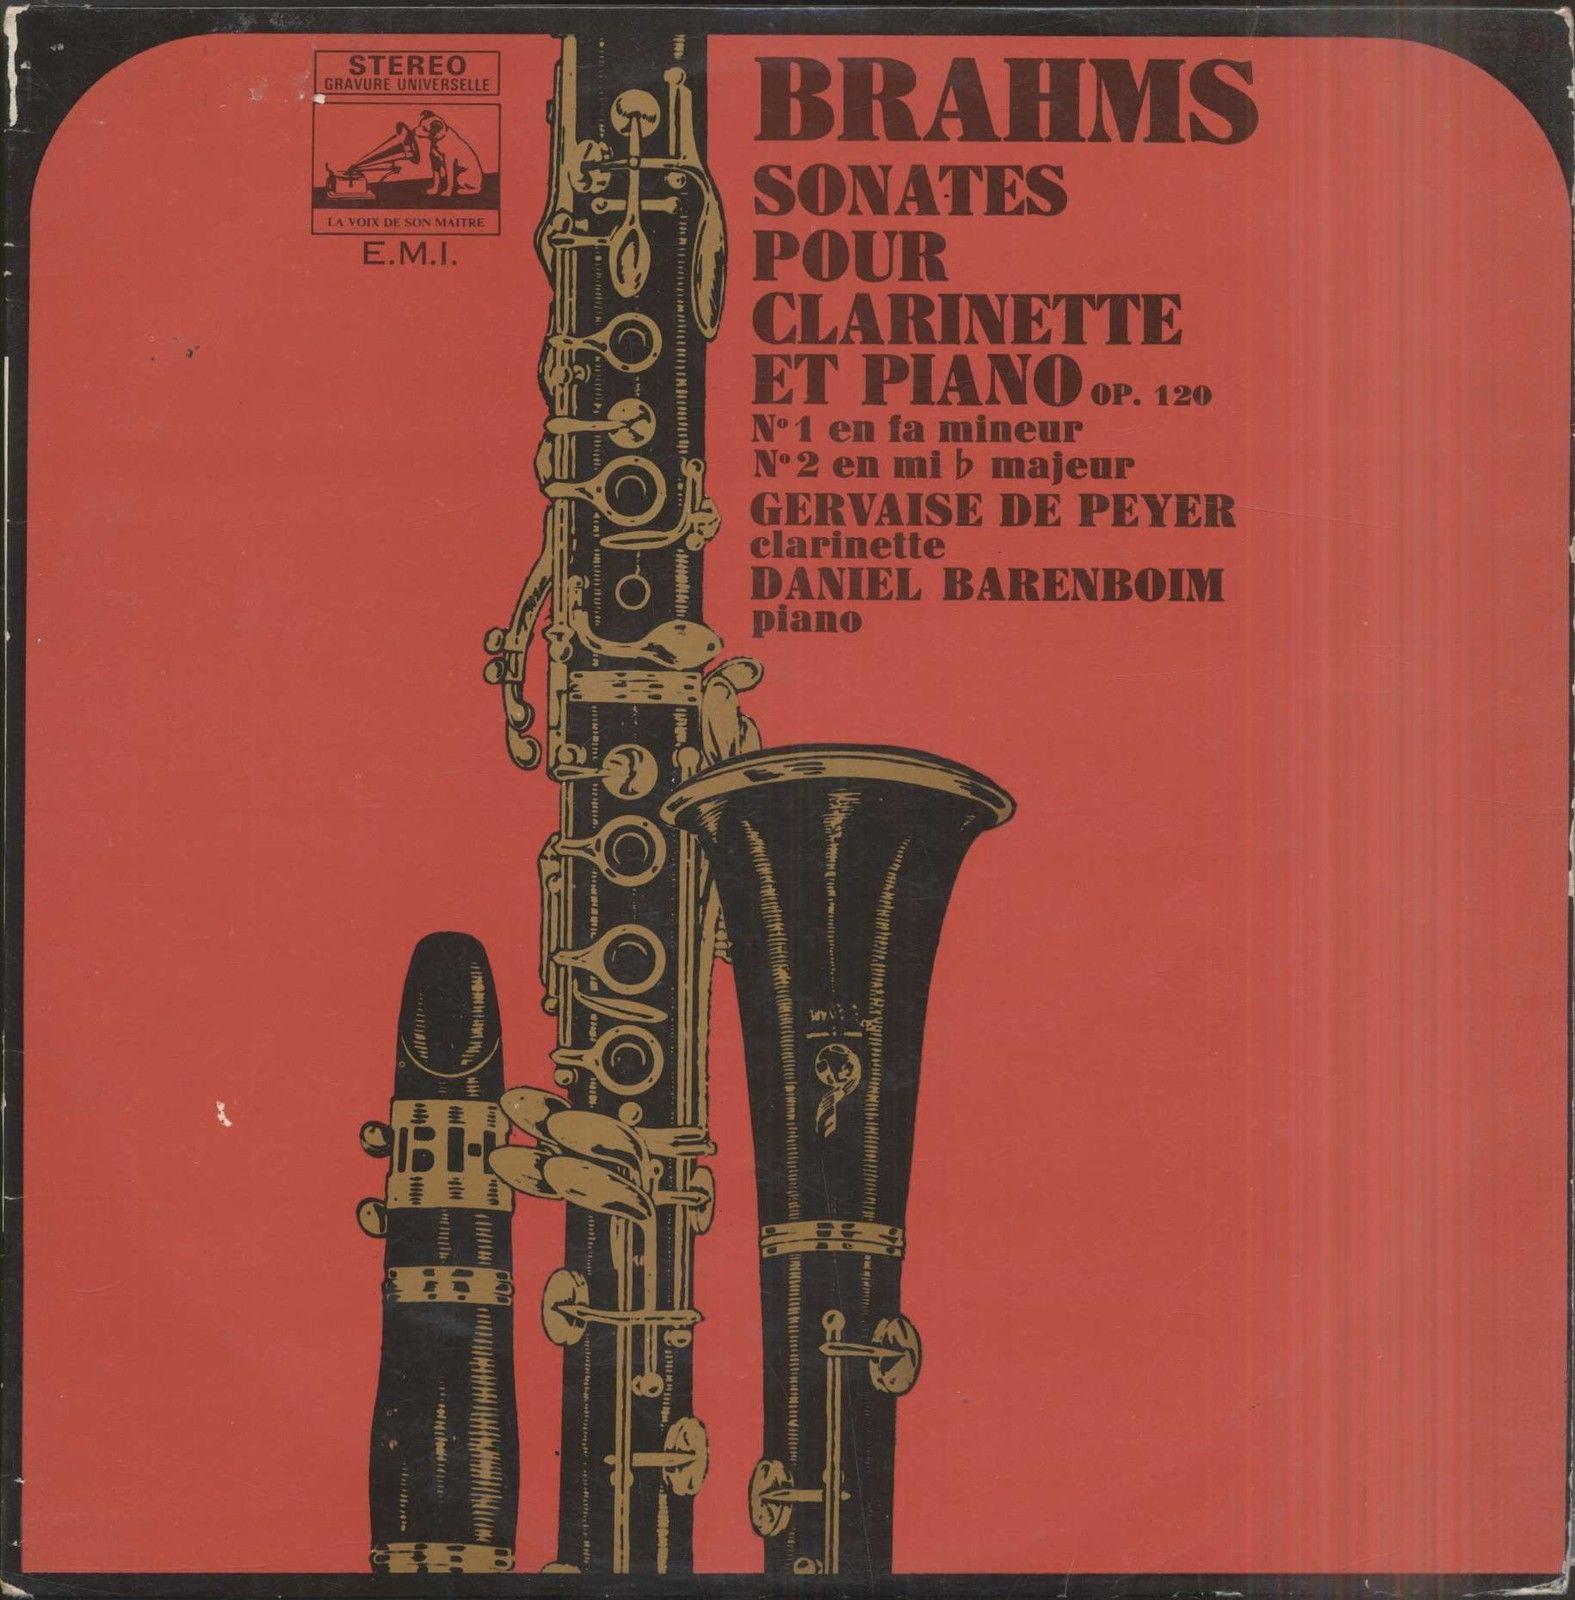 Autour des pochettes (sujet essentiel s'il en est) - Page 14 Brahms10